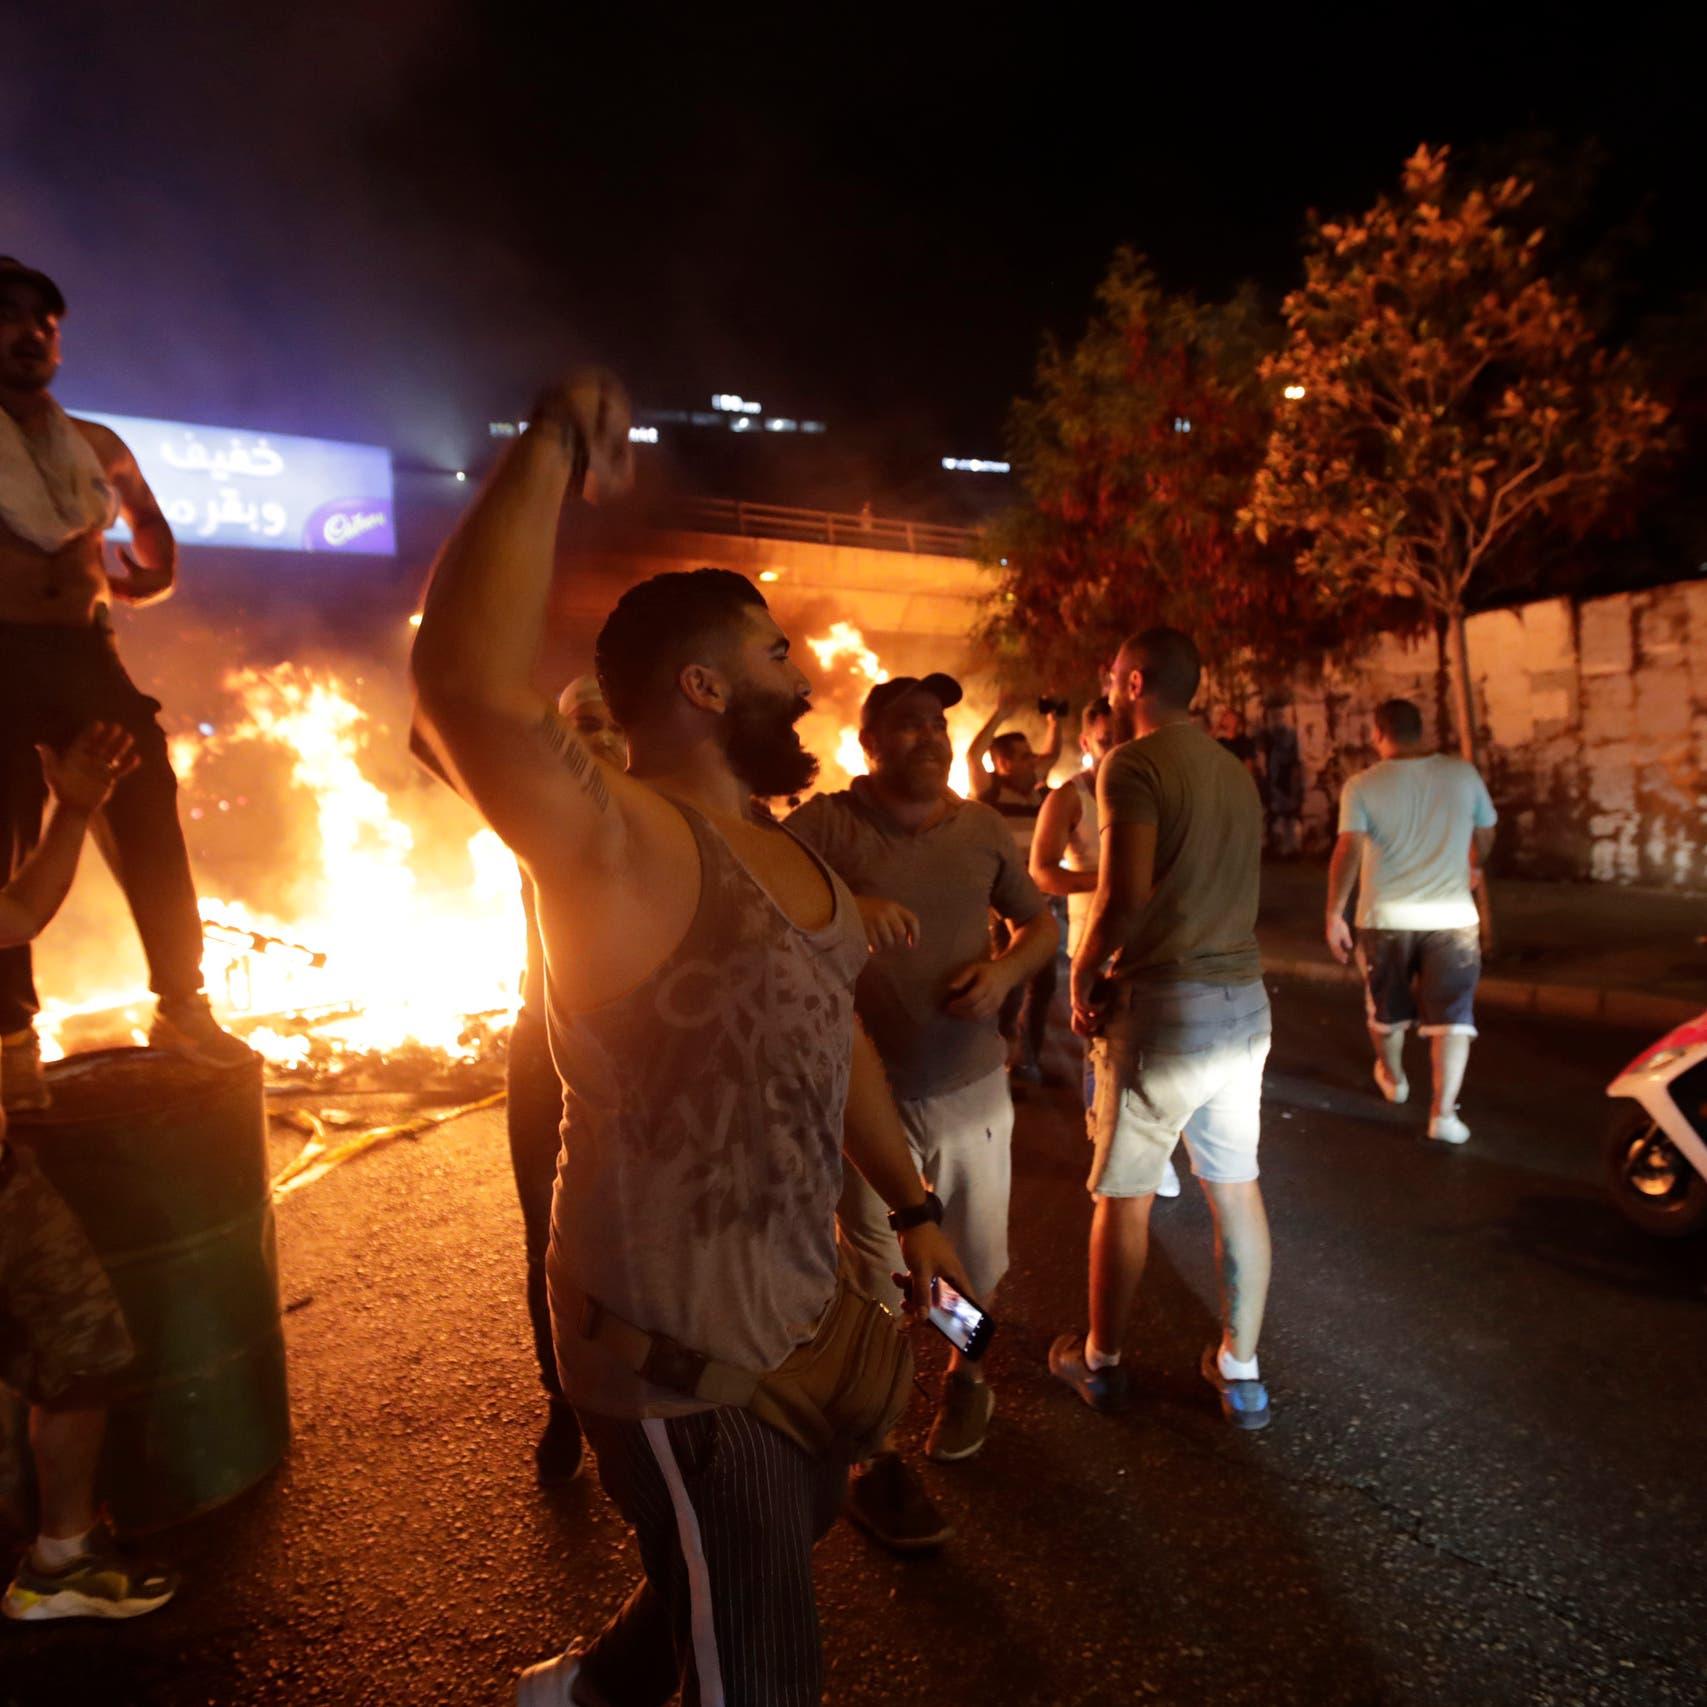 أميركا تدعو مواطنيها للابتعاد عن أماكن المظاهرات في لبنان